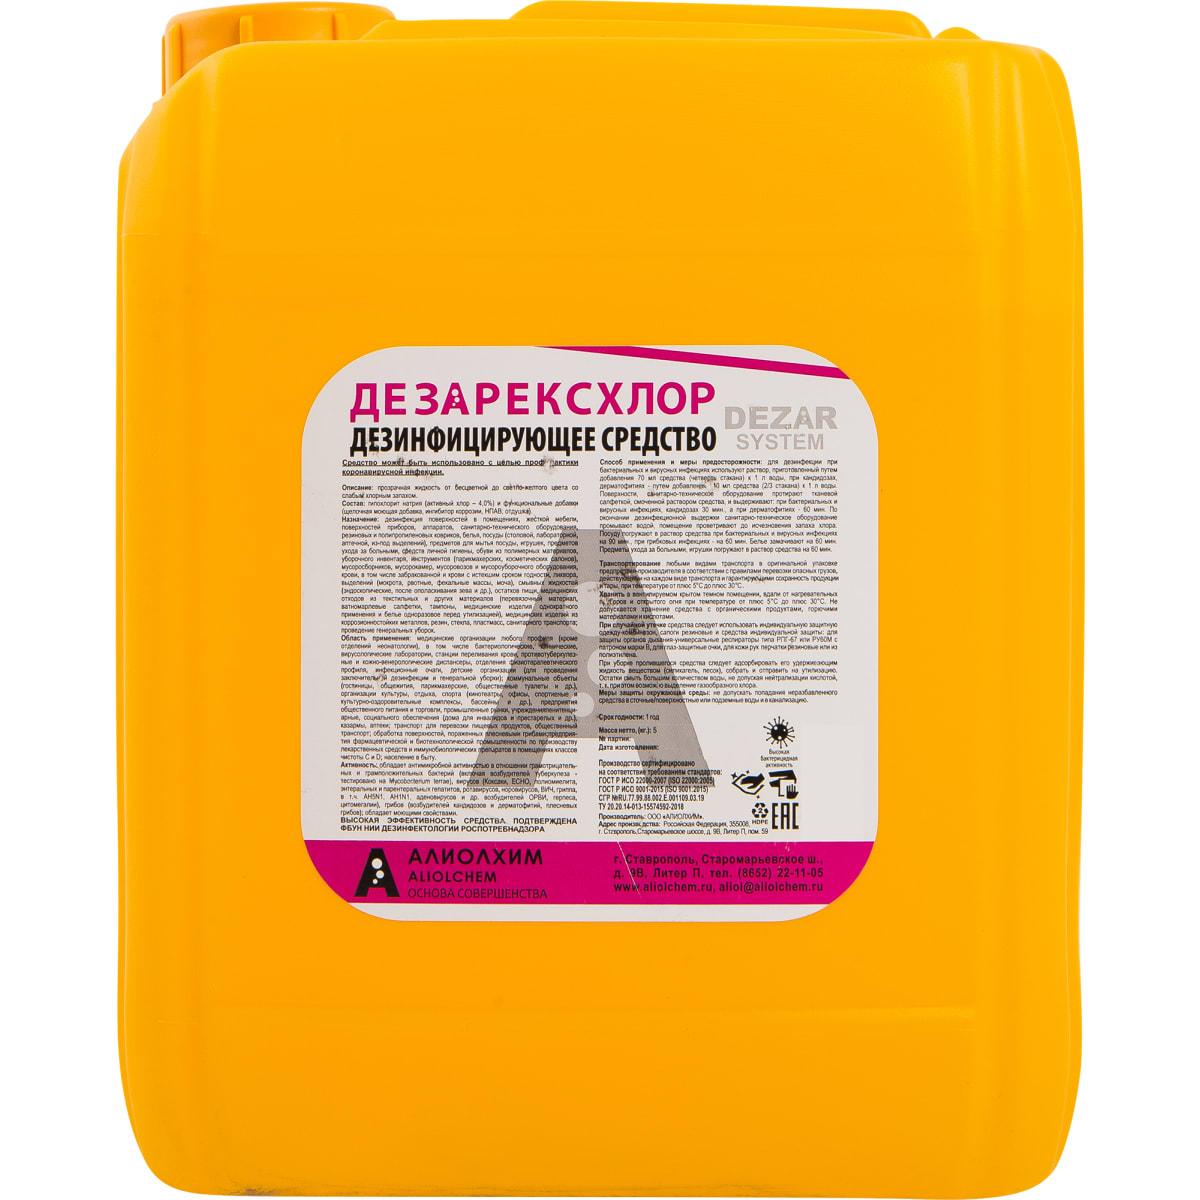 Средство дезинфицирующее Дезарексхлор, 5 л